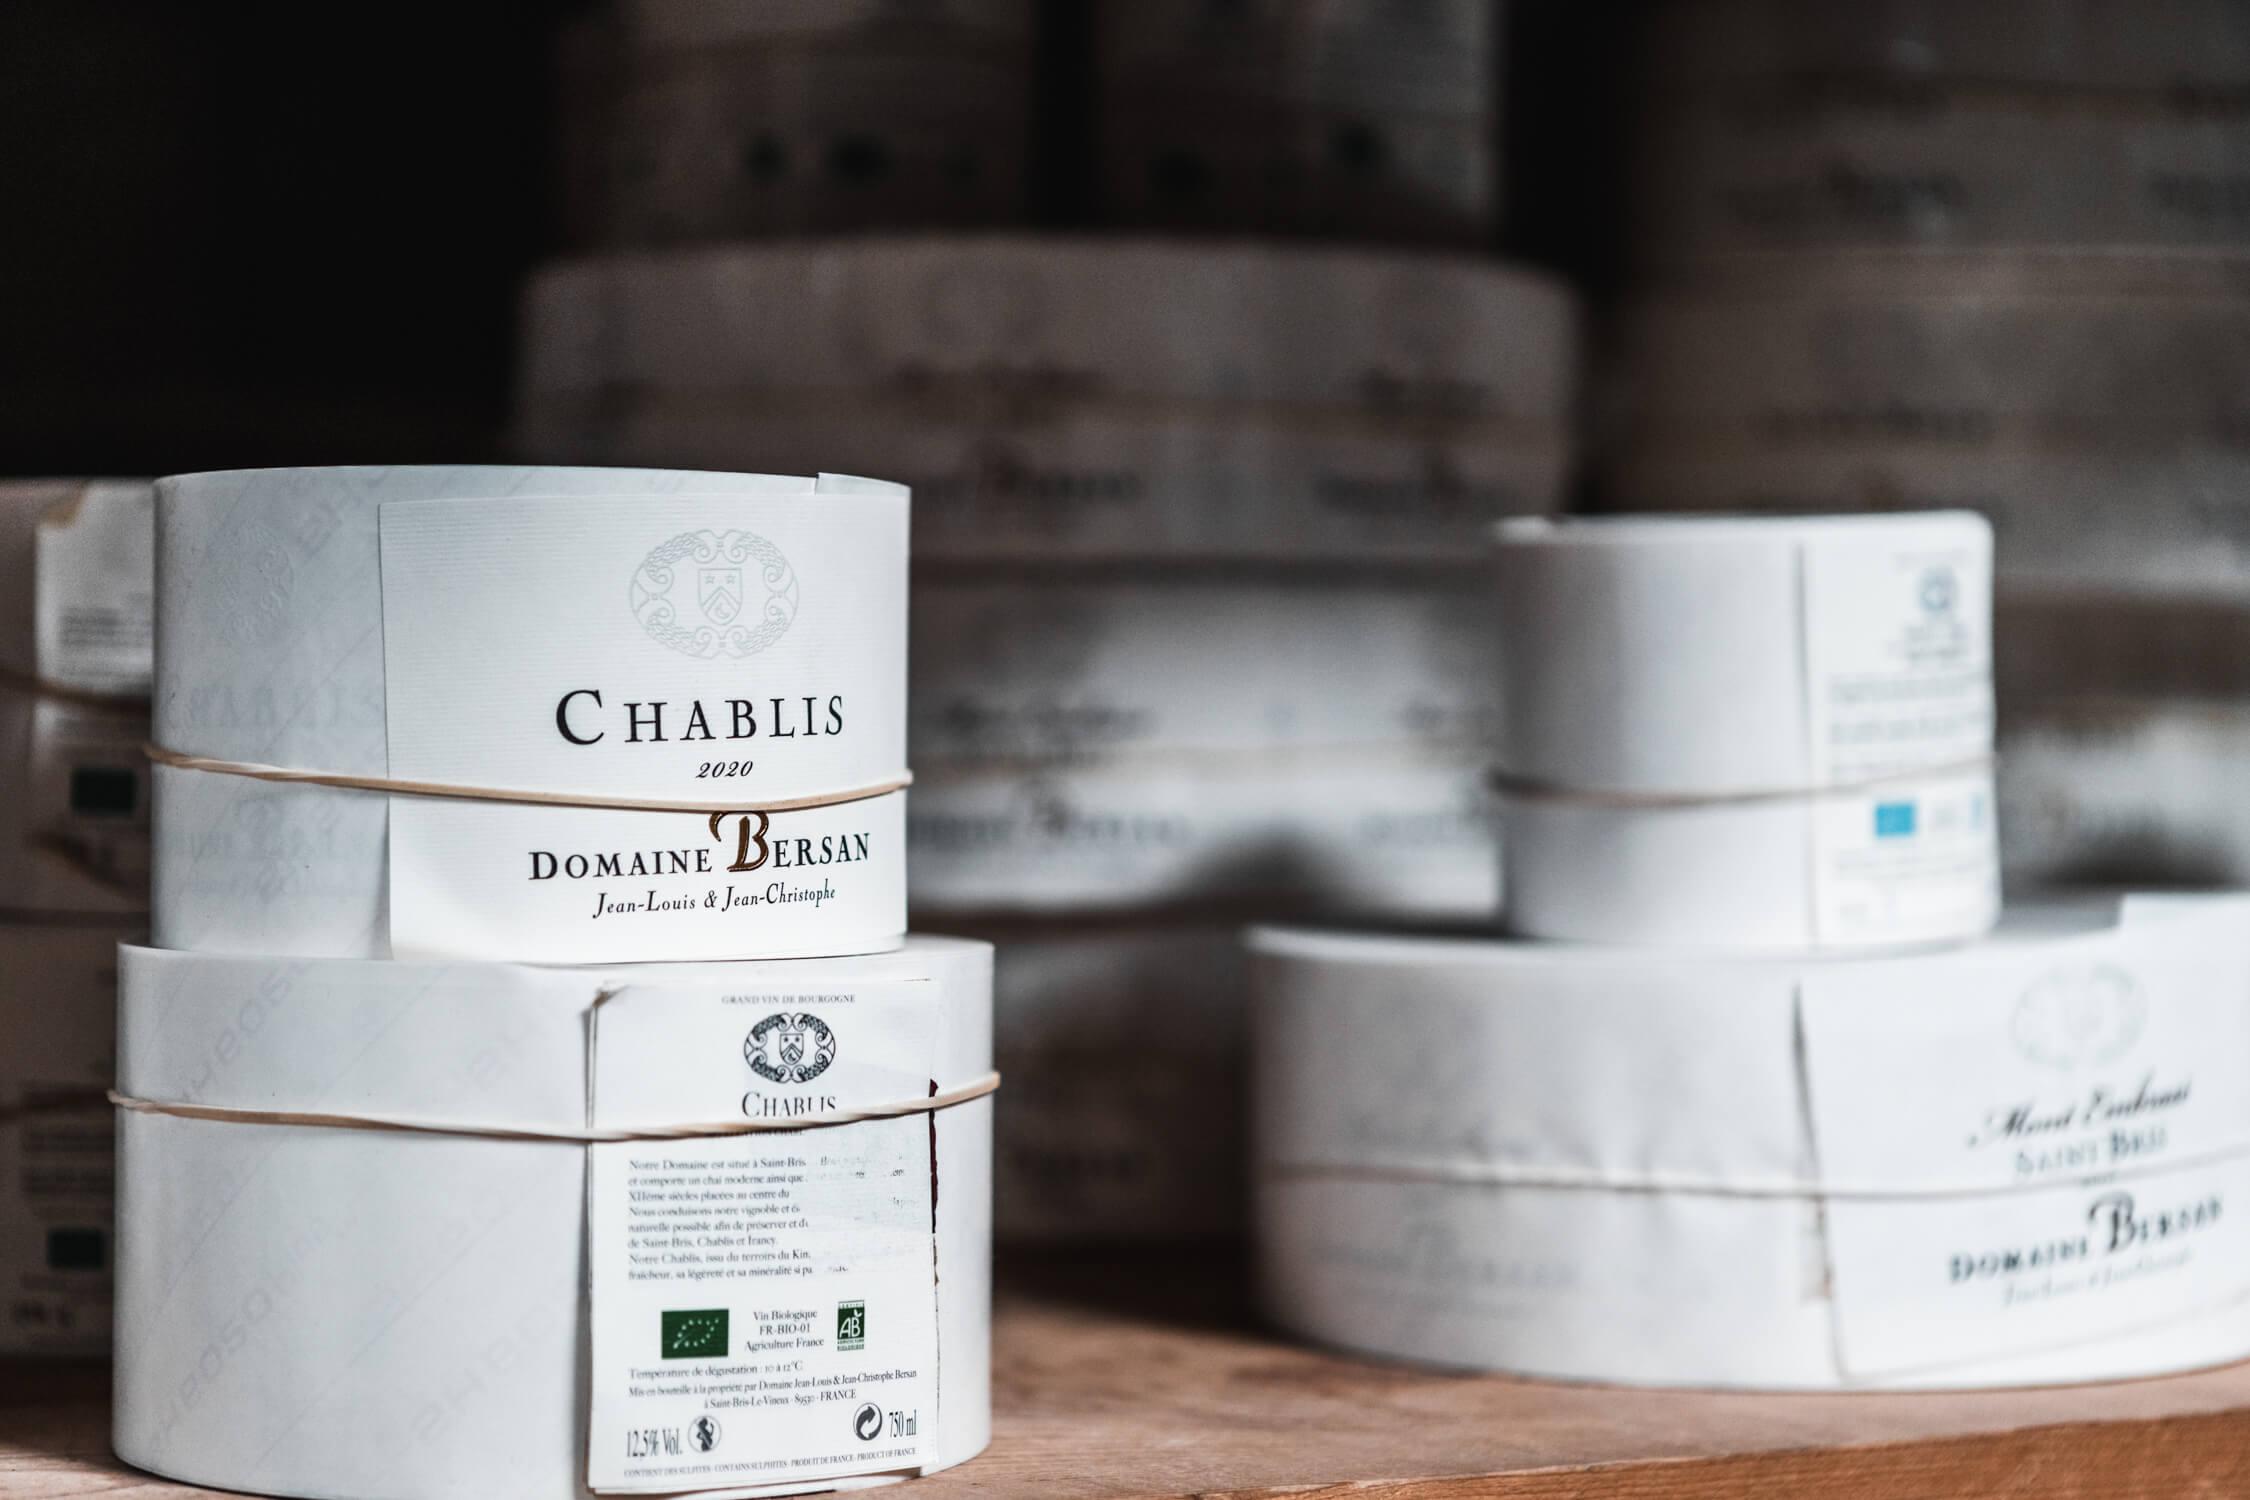 Chablis wine labels